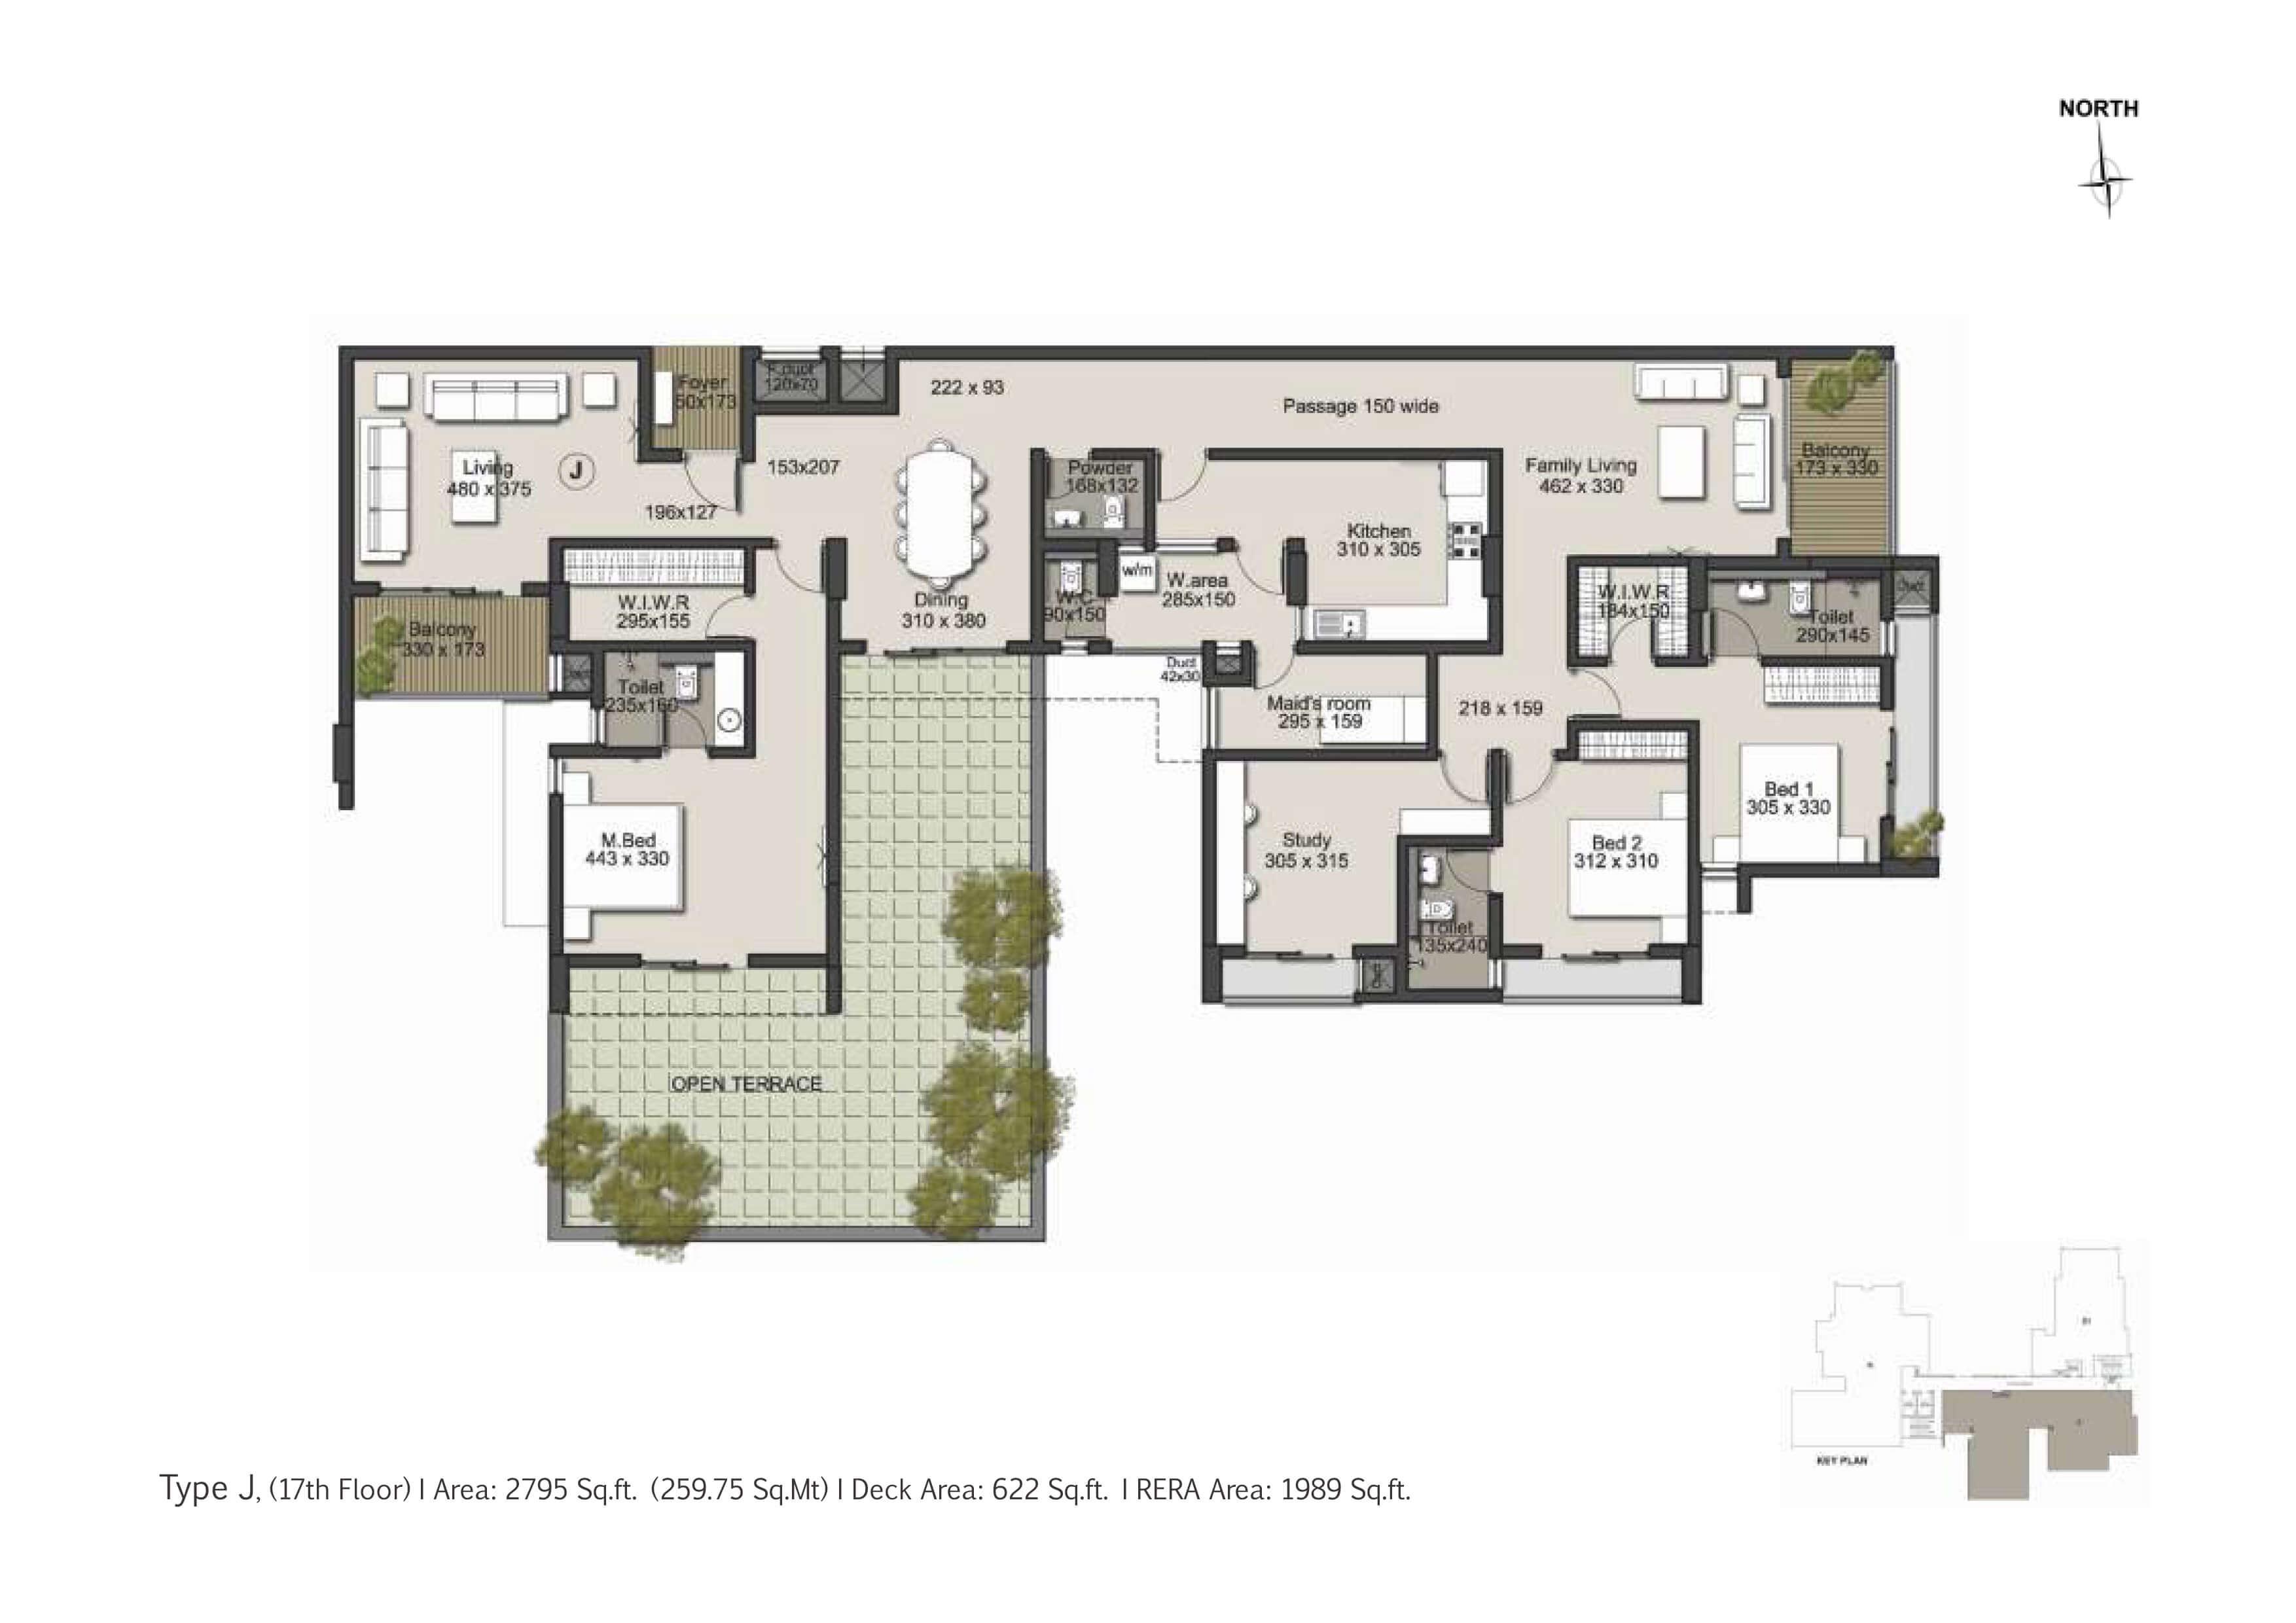 Type J Floor Plan